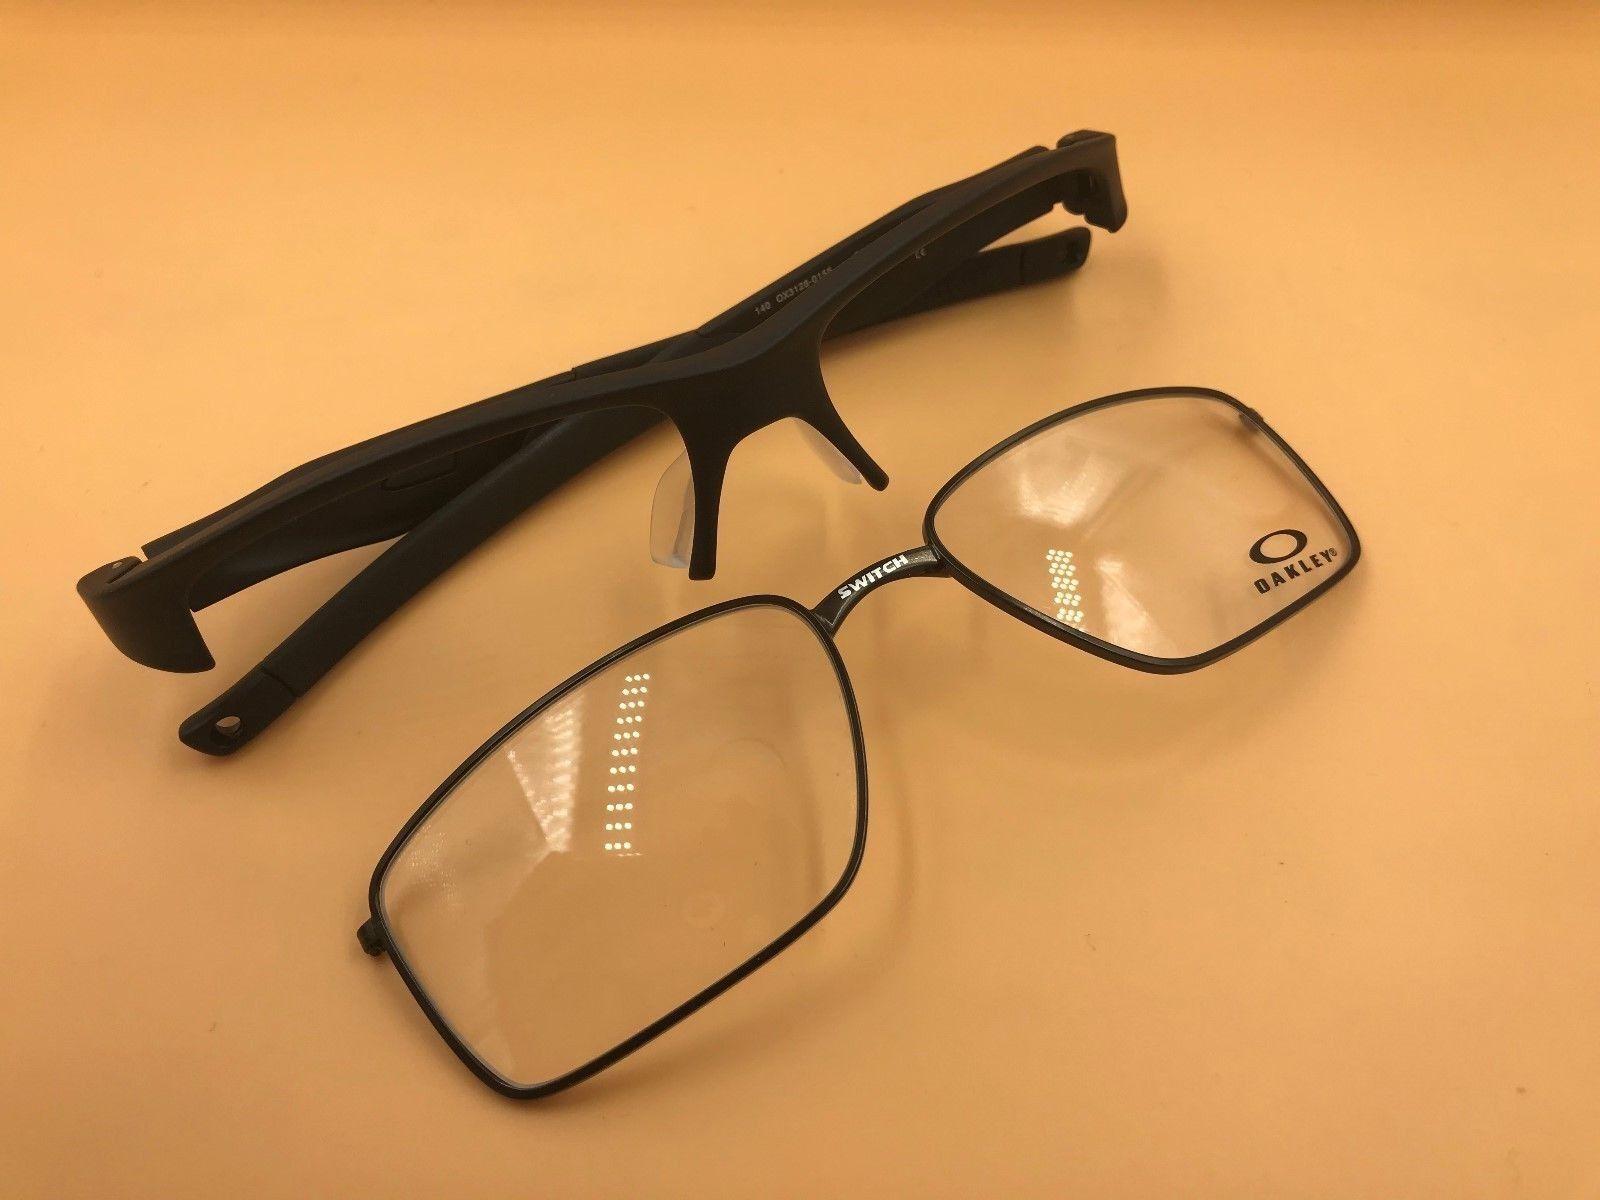 7a37084c56702 Oakley Crosslink Switch Eyeglasses Ox3128-0153 Satin Black 53mm ...